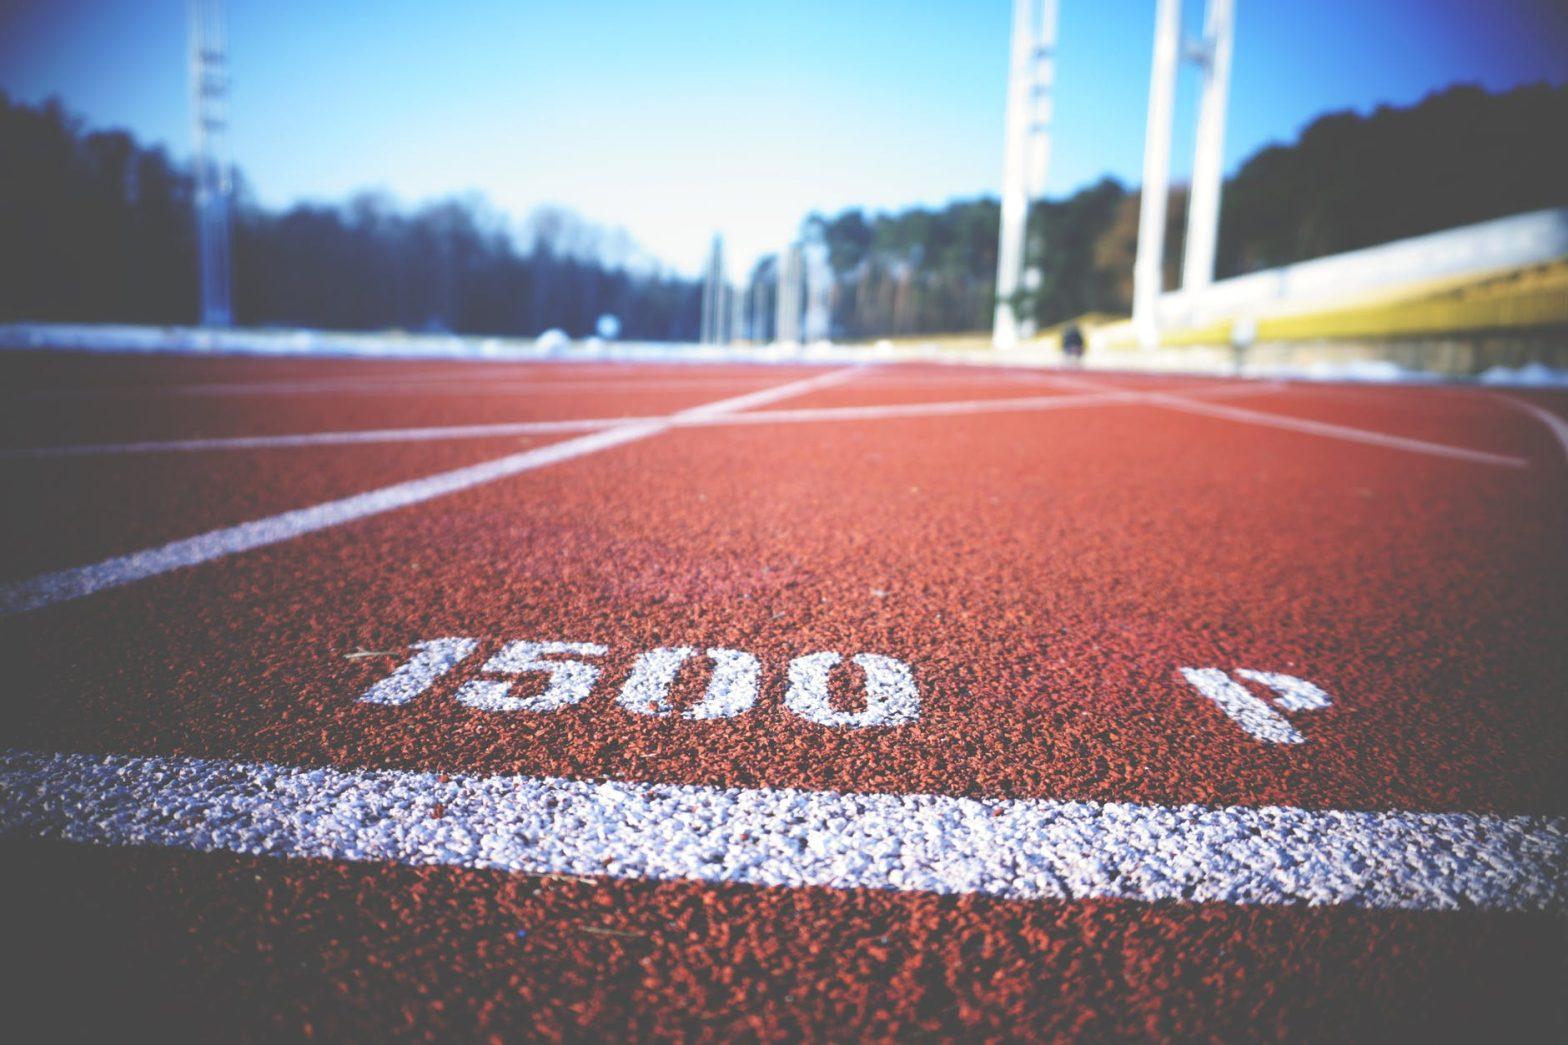 Aktualu ruošiantis būsimam paraiškų teikimui (sporto bazės)